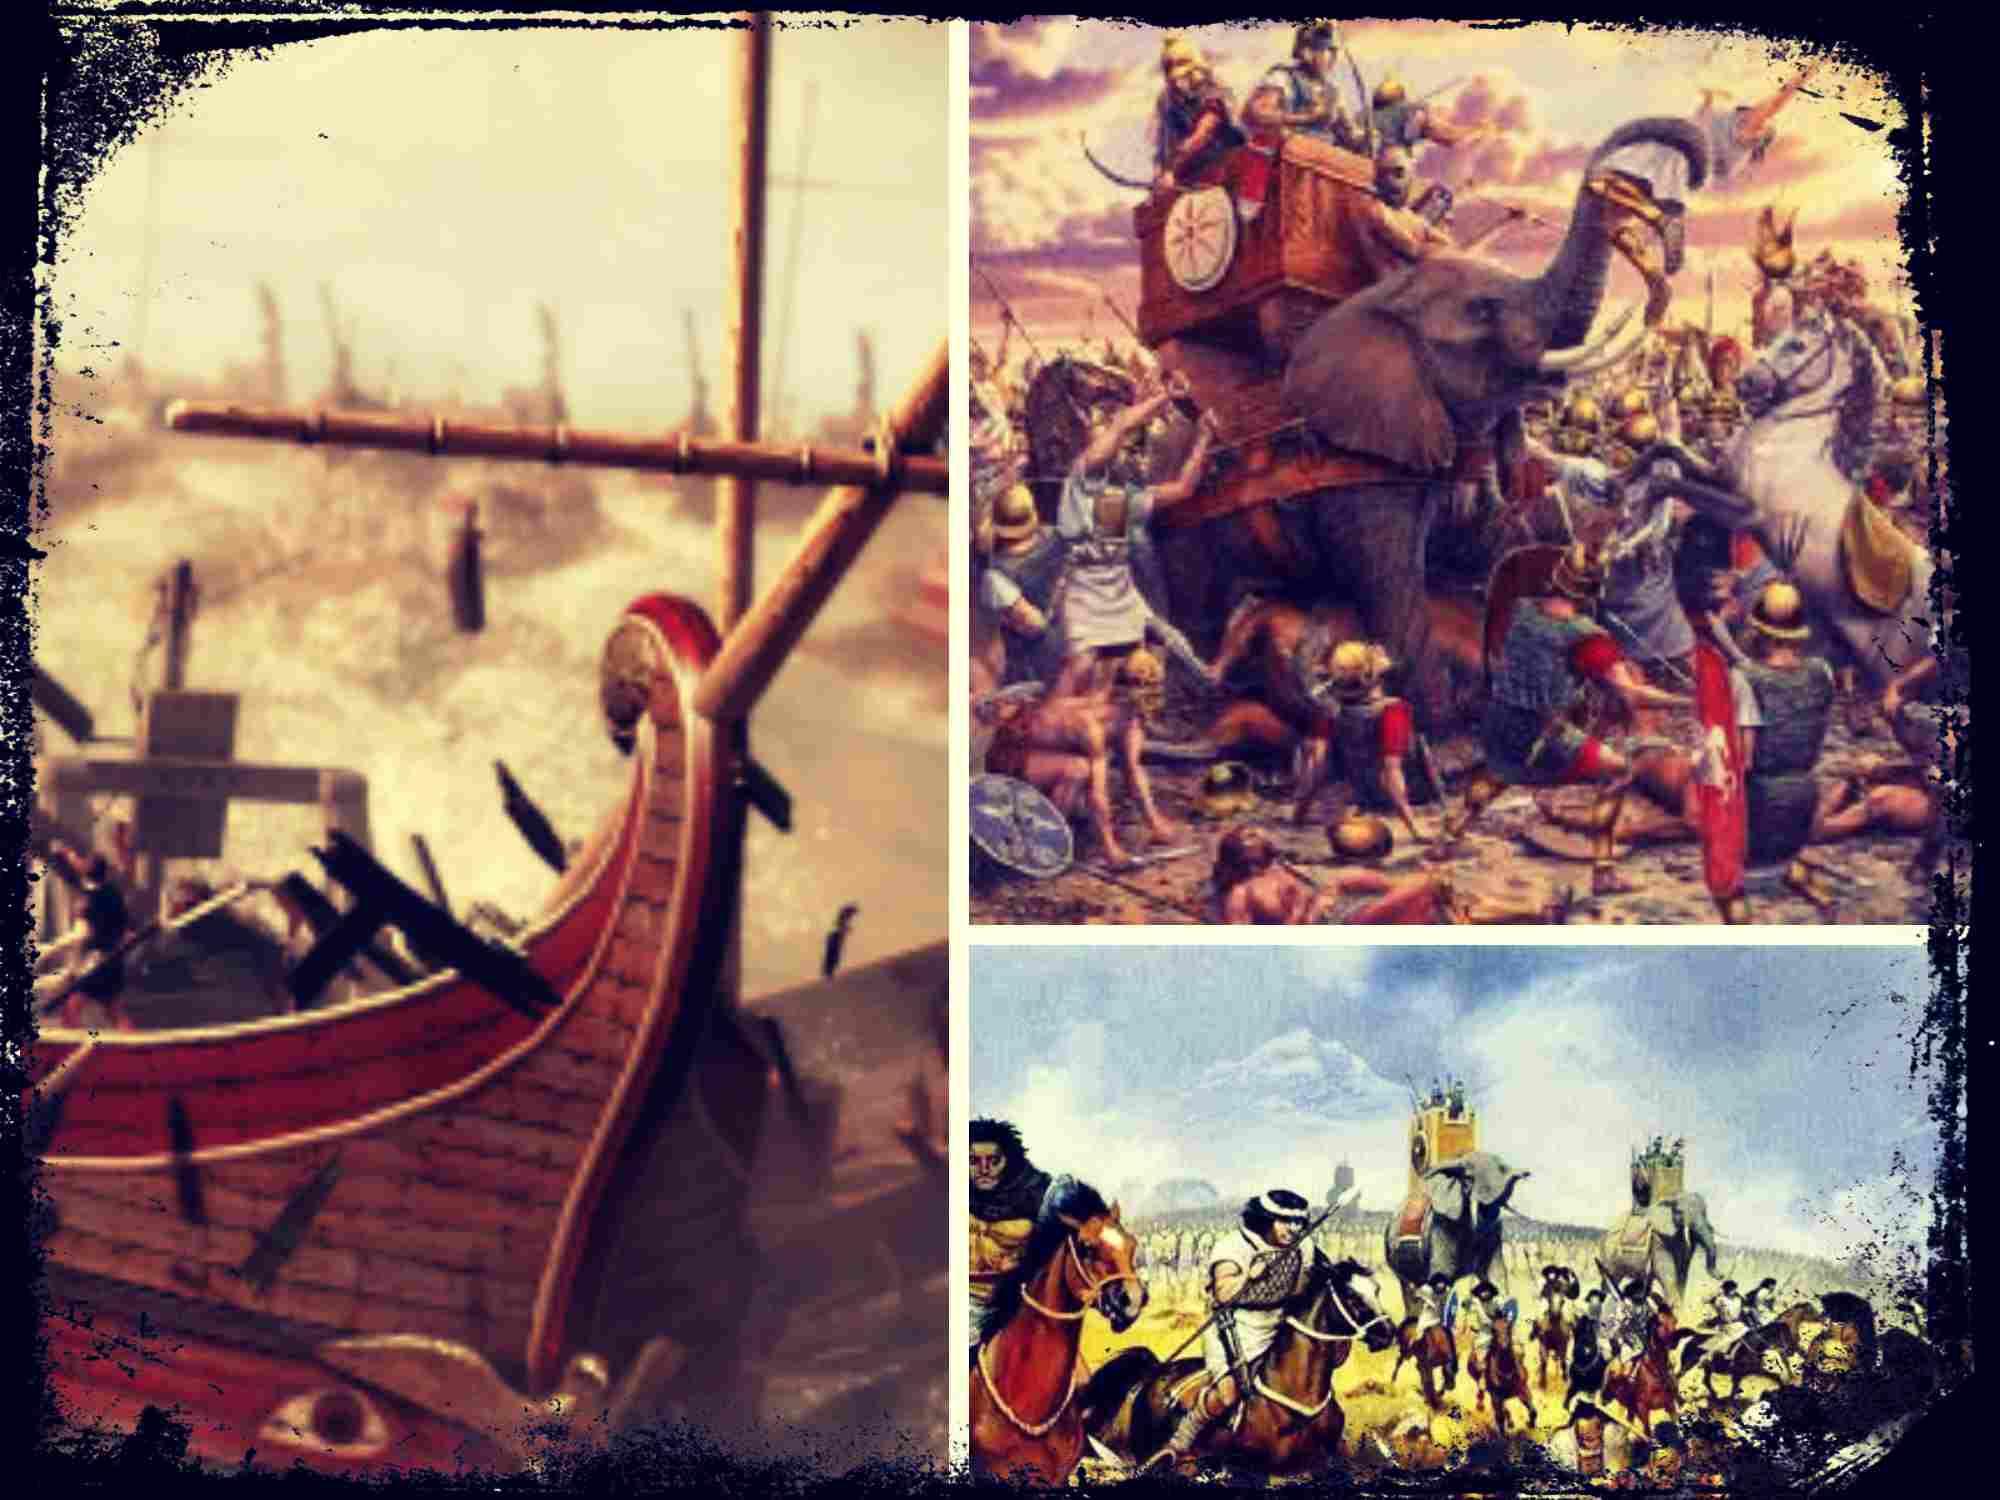 El encumbramiento de Roma y sus conflictos con Cartago